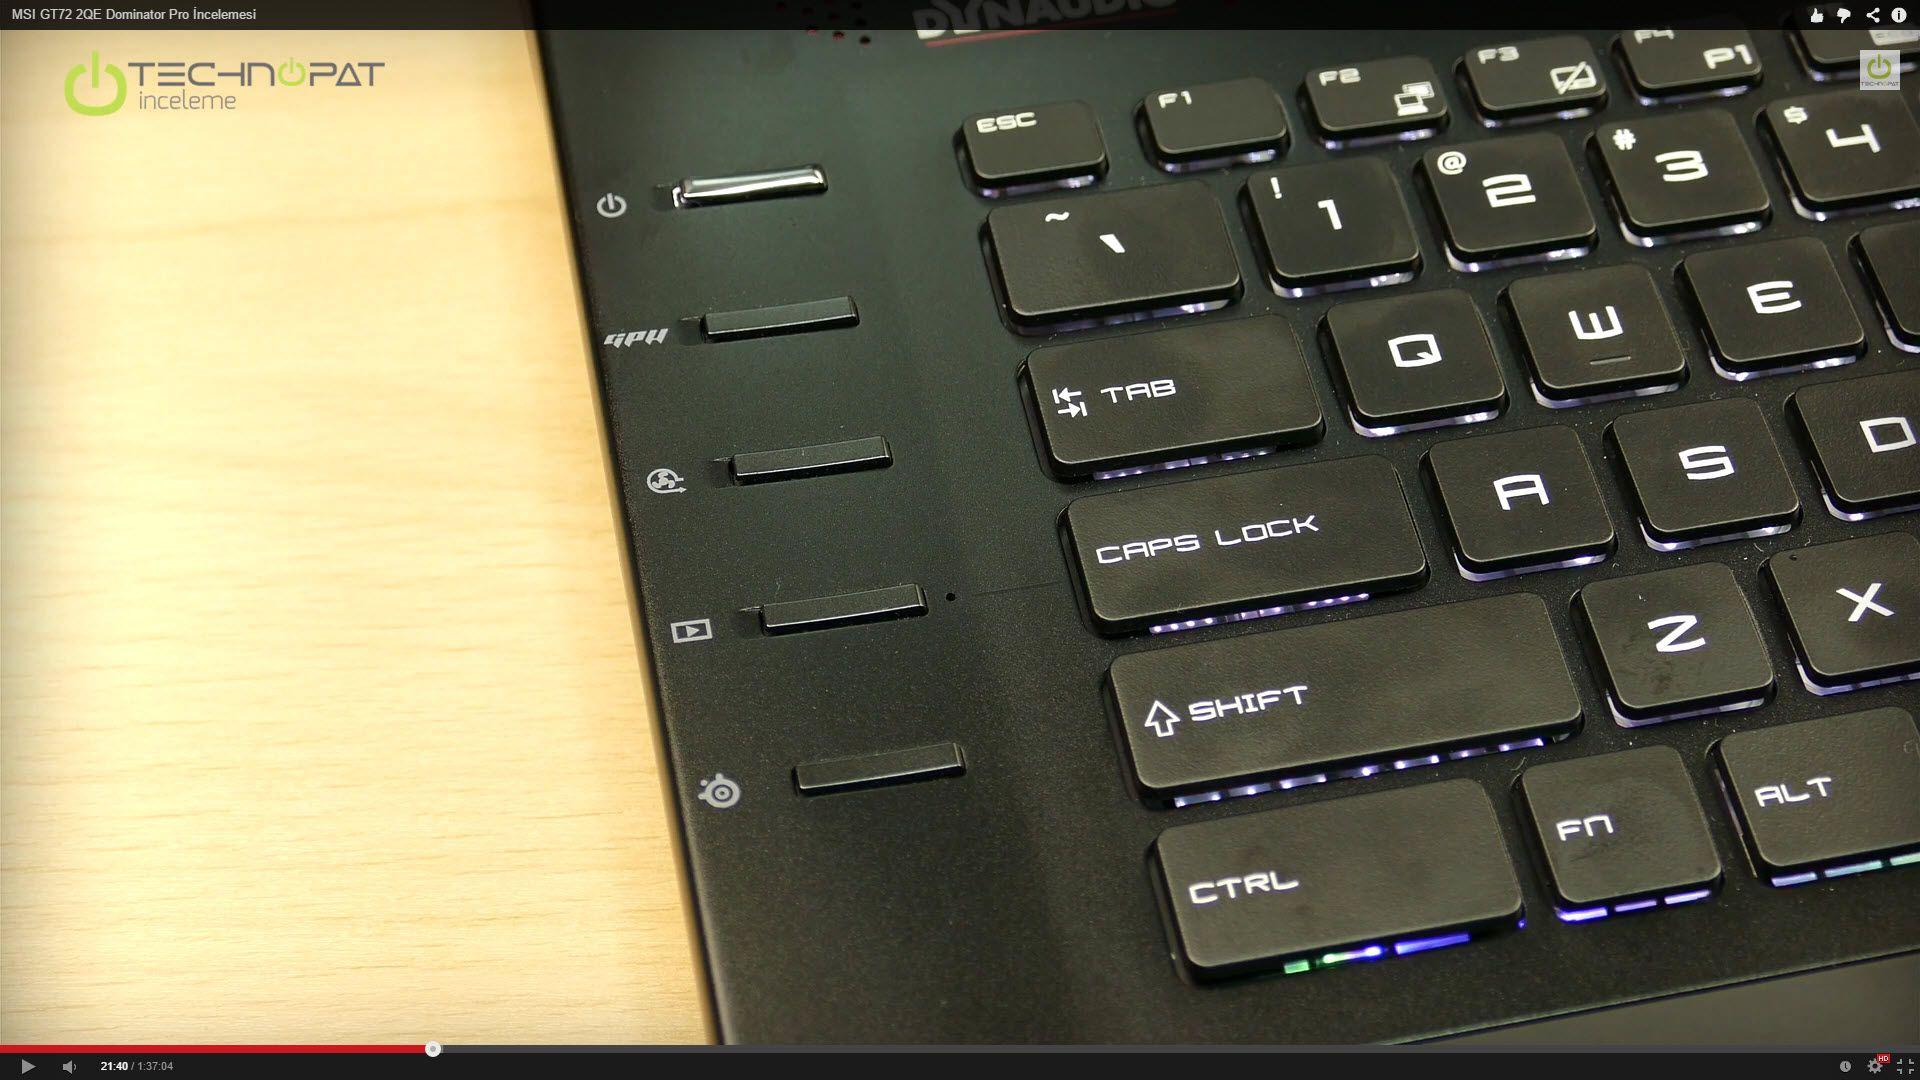 msi-gt72-dominator-pro-2qe-tuslar-gpu-switch-tusu